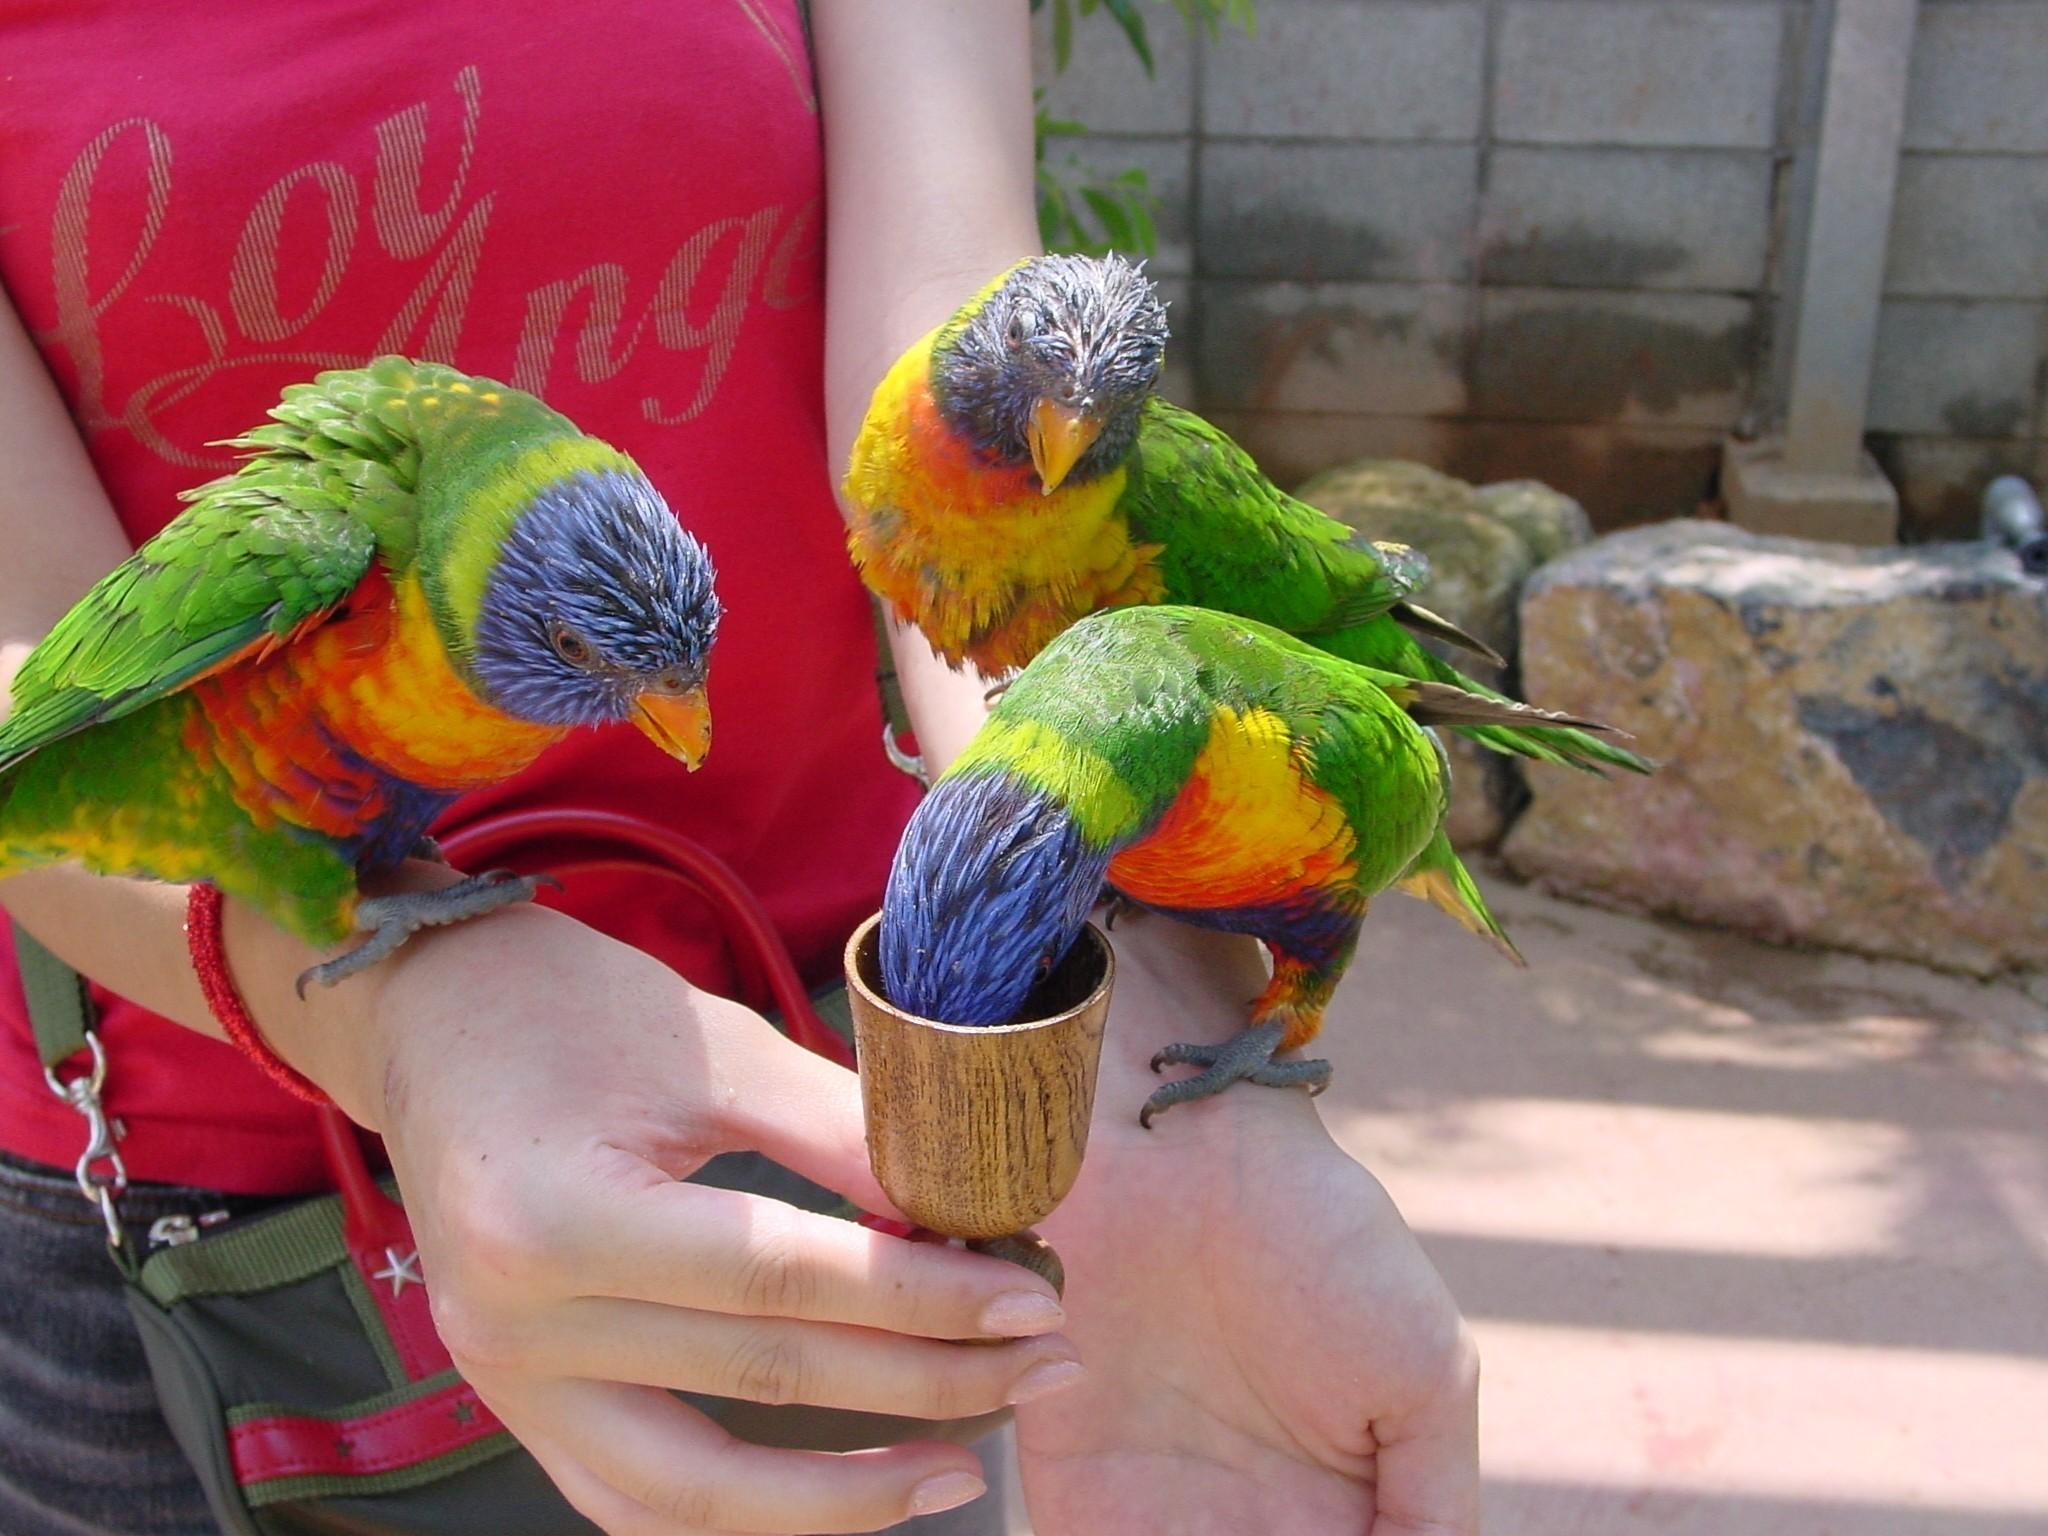 沖縄に生息する珍しい鳥